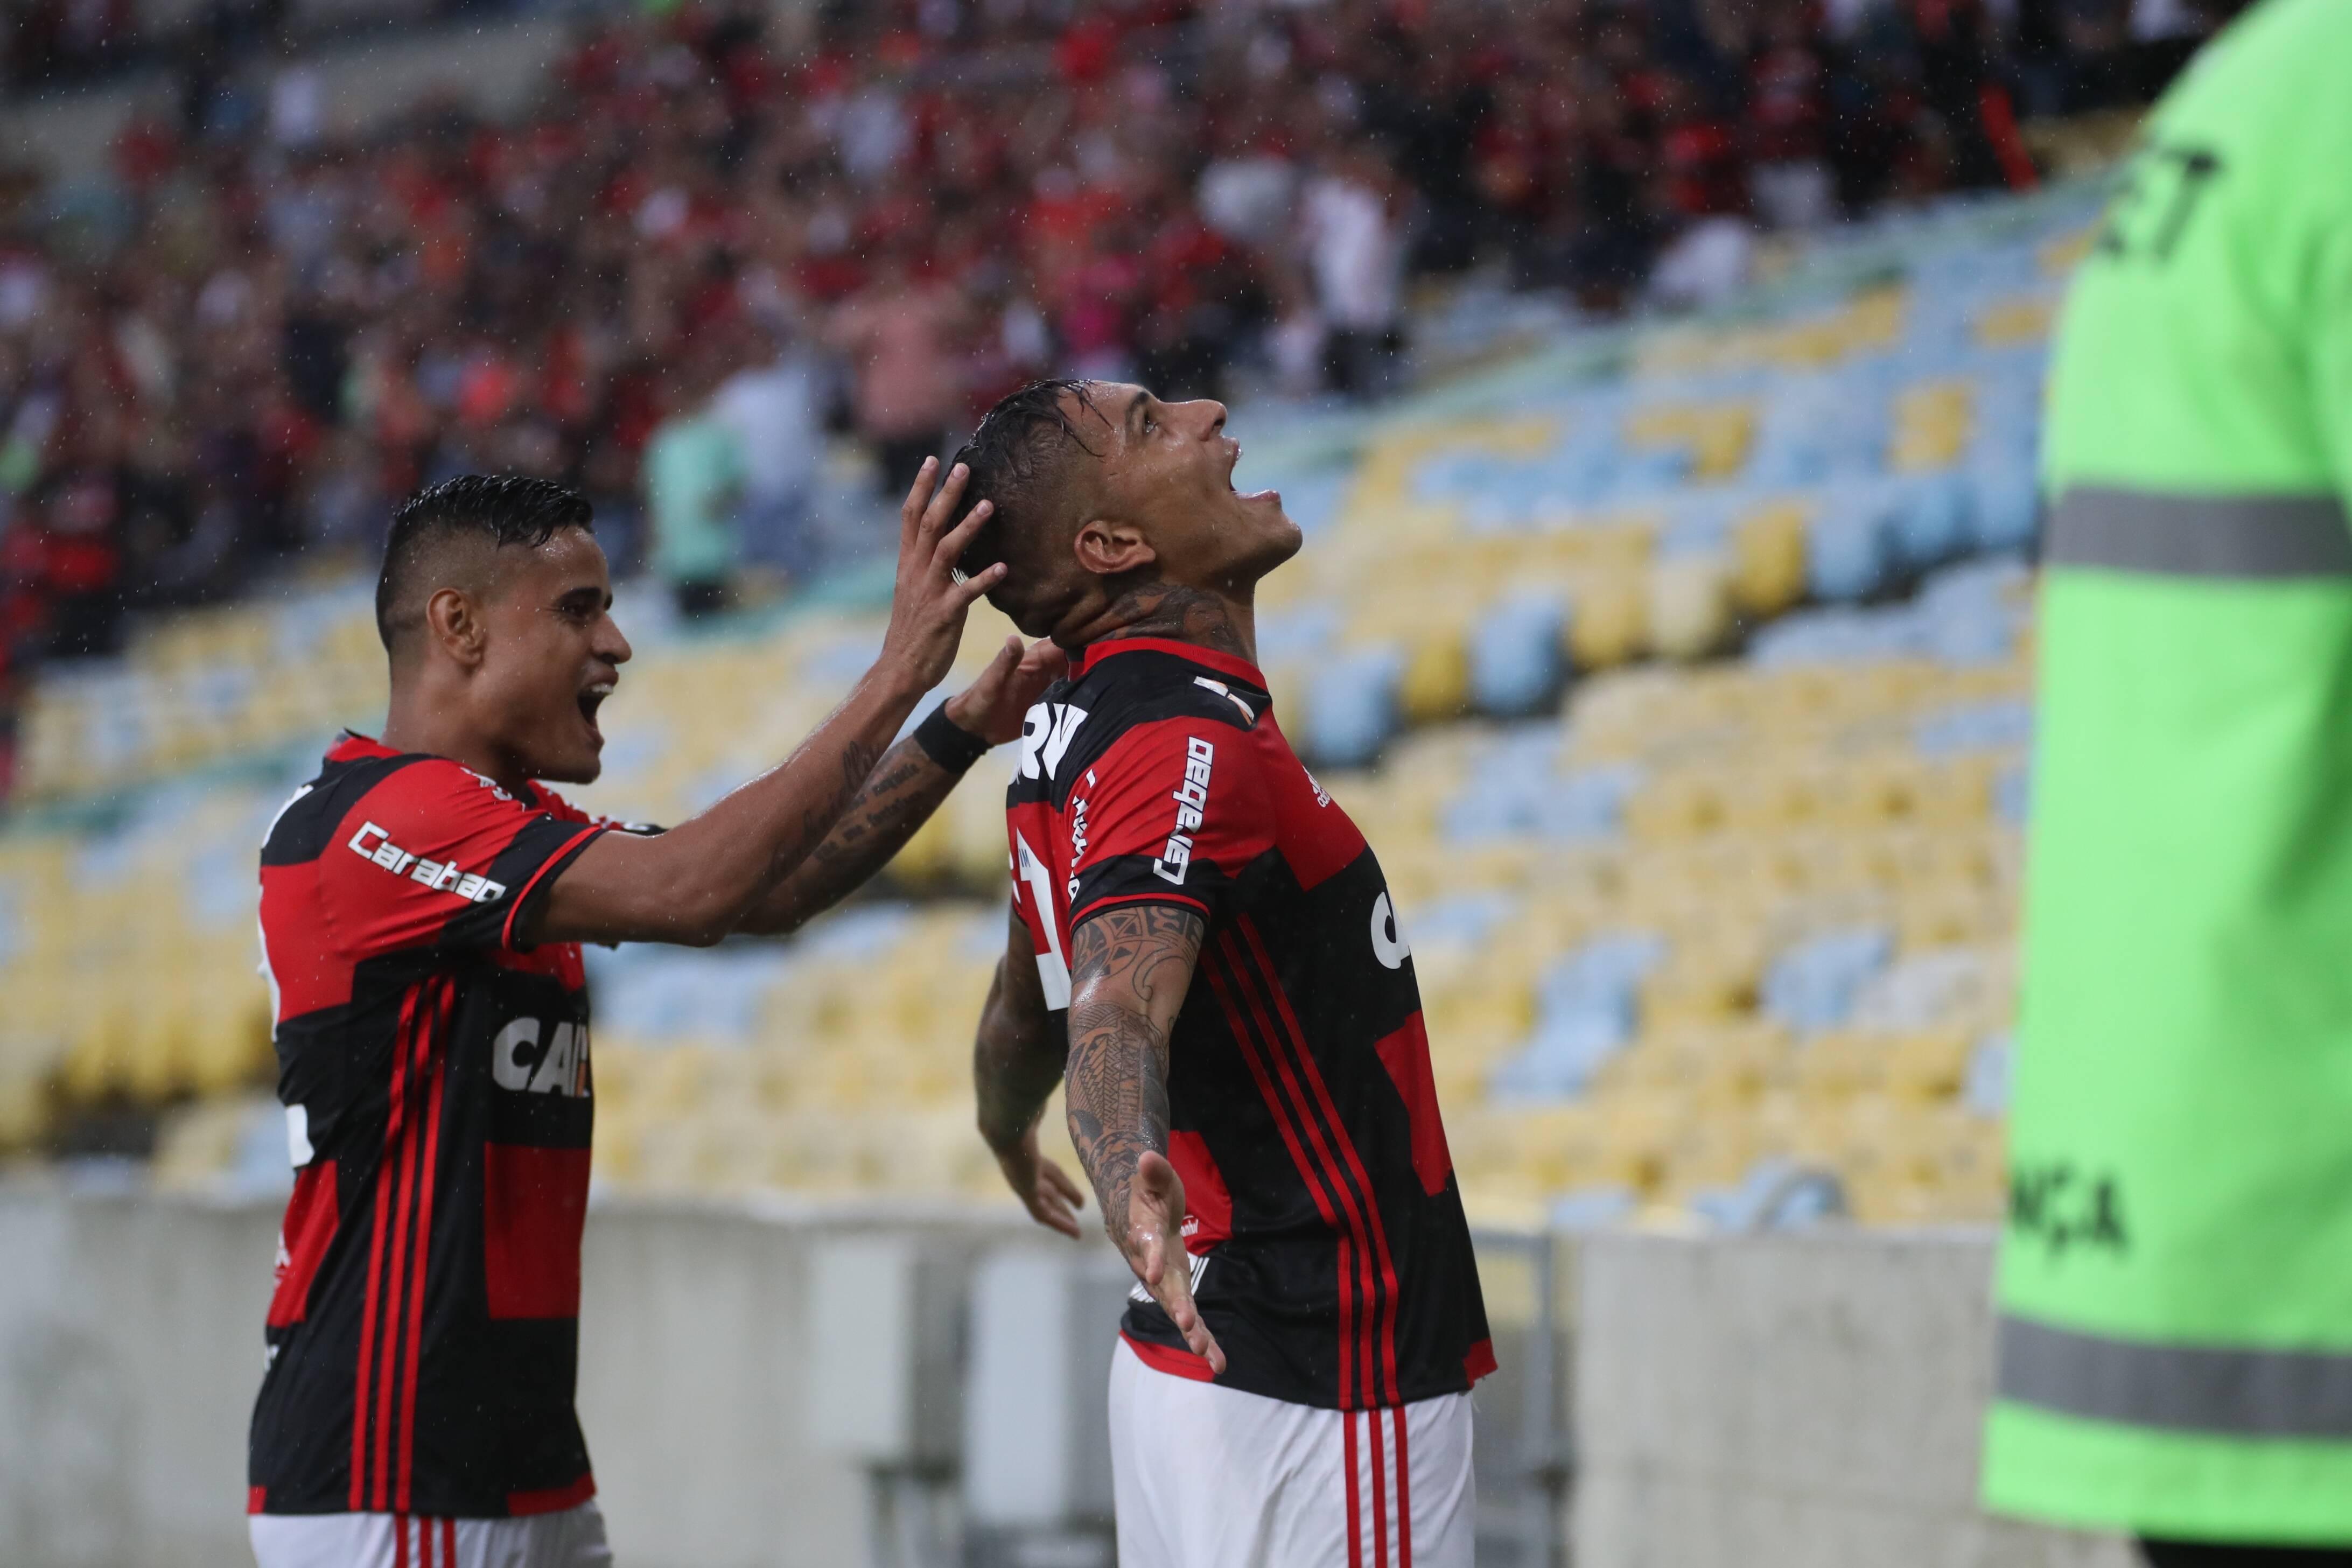 Foto: Gilvan de Souza/Flamengo - 23.4.17